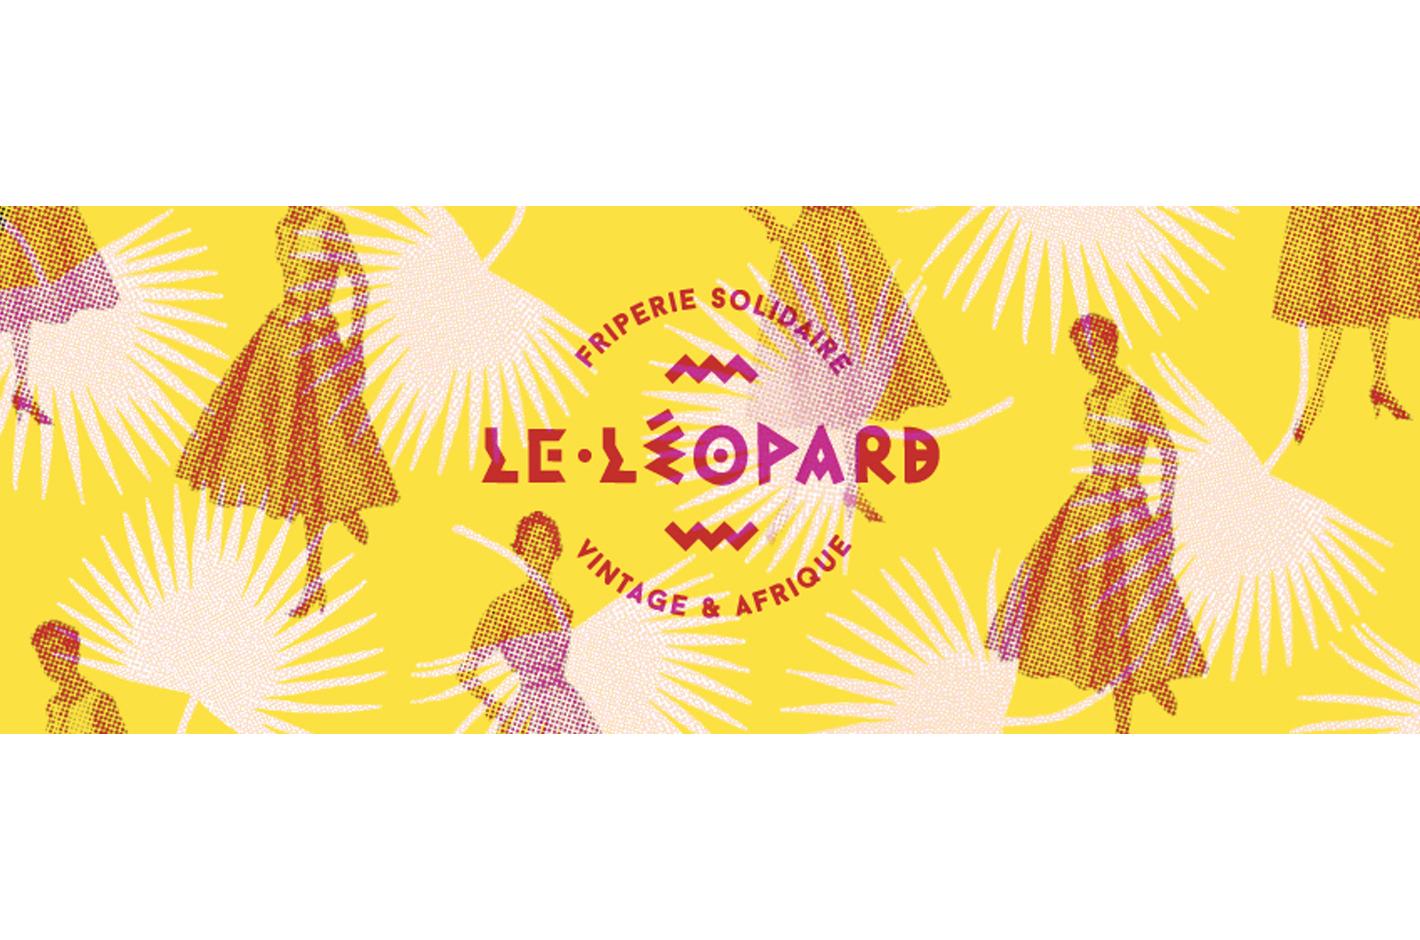 Identité pour la boutique Le léopard — Strasbourg